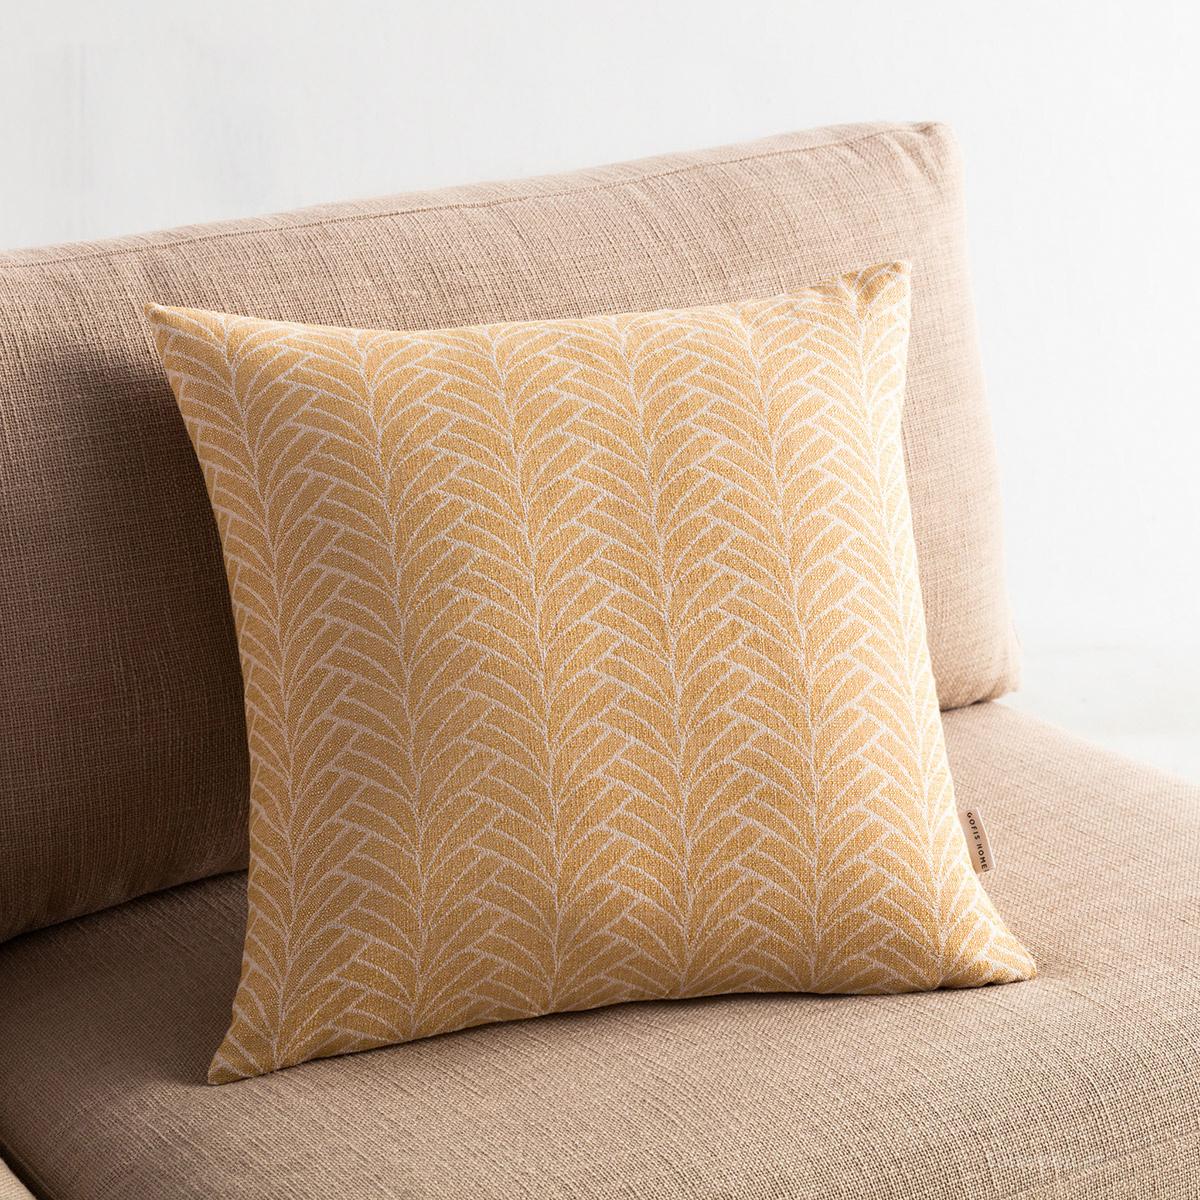 Διακοσμητική Μαξιλαροθήκη (50×50) Gofis Home Seashell Mustard 223/04